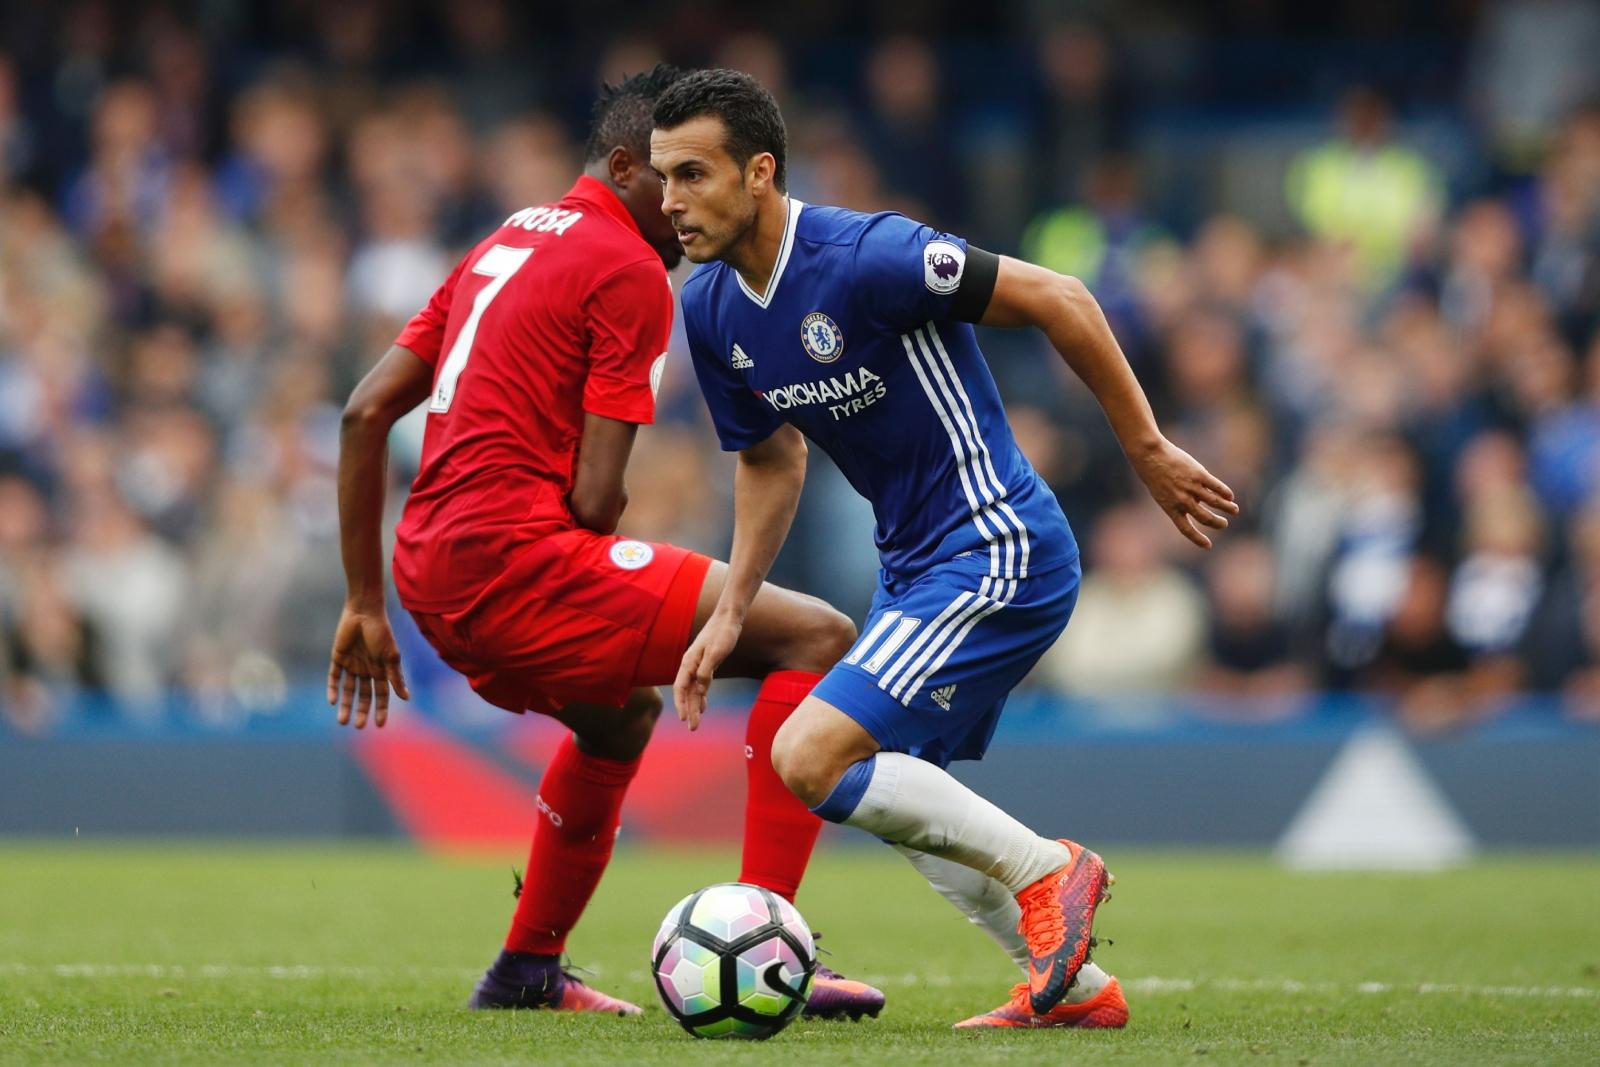 Pedro evades a tackle